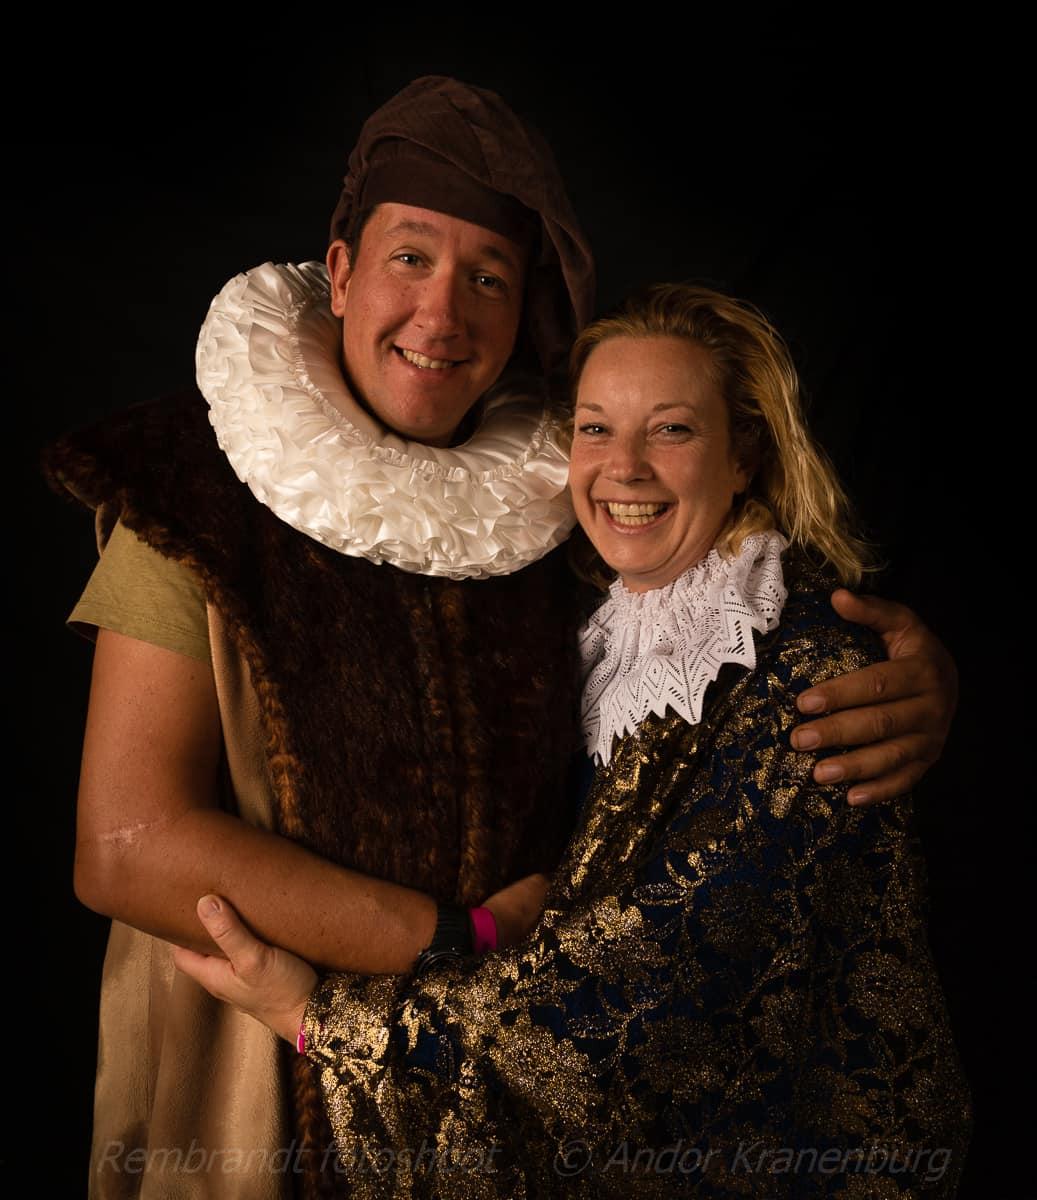 Rembrandt Nacht van Ontdekkingen 2019 Andor Kranenburg-8954